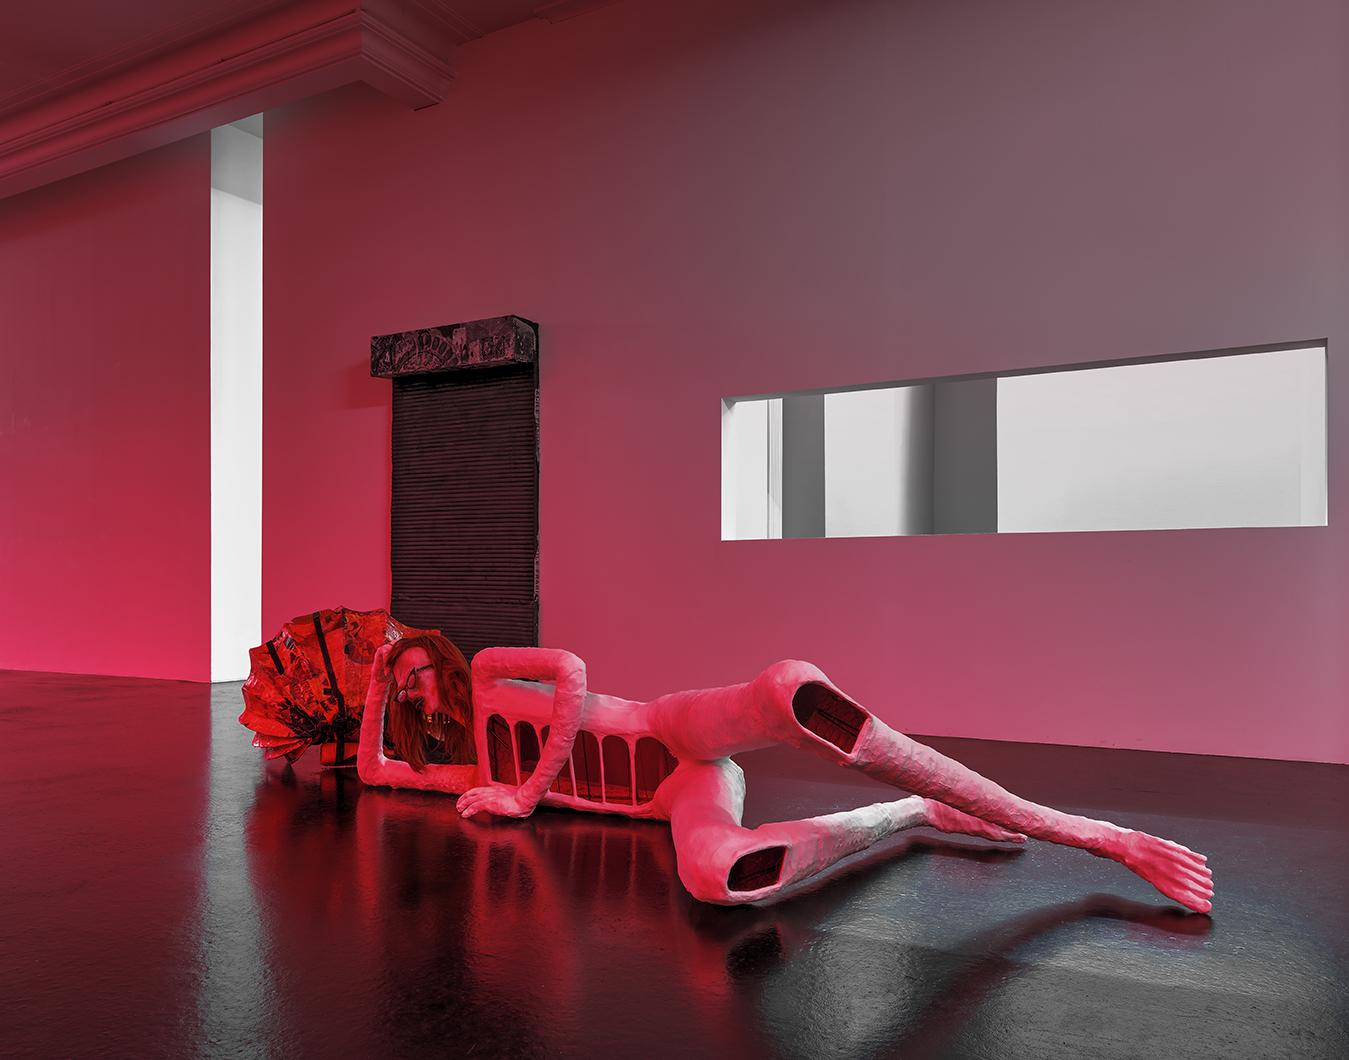 Installation view, photo: Matthias Kolb